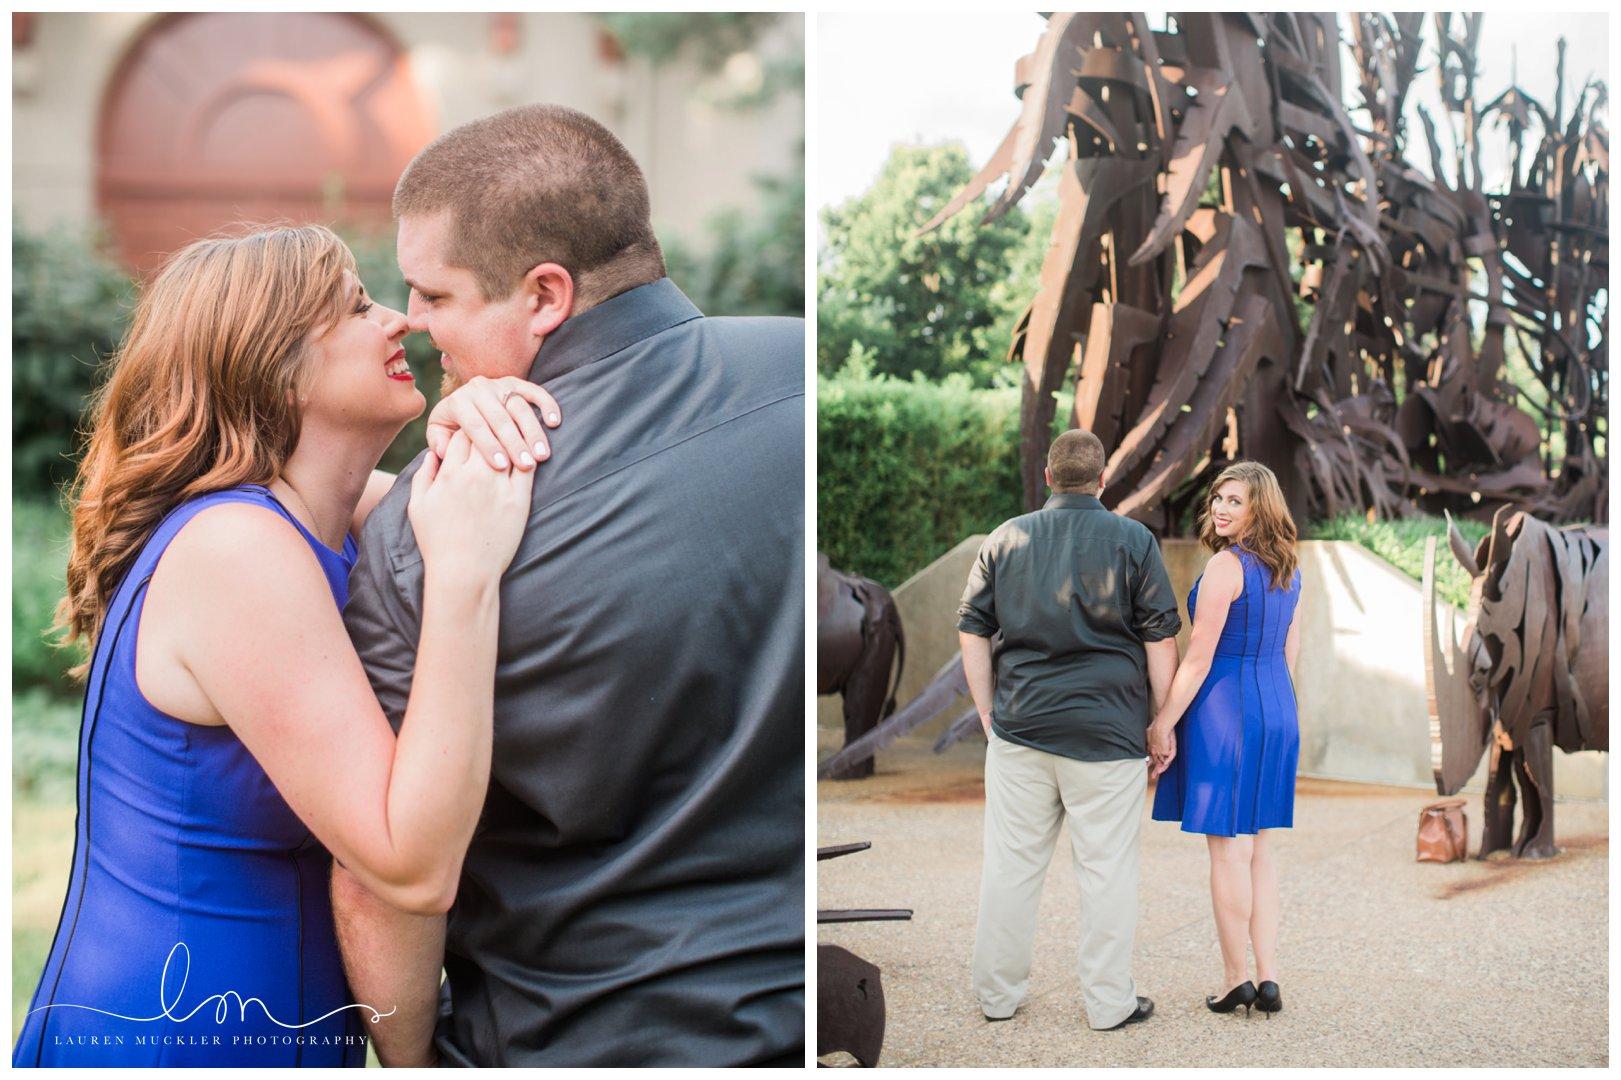 lauren muckler photography_fine art film wedding photography_st louis_photography_0608.jpg